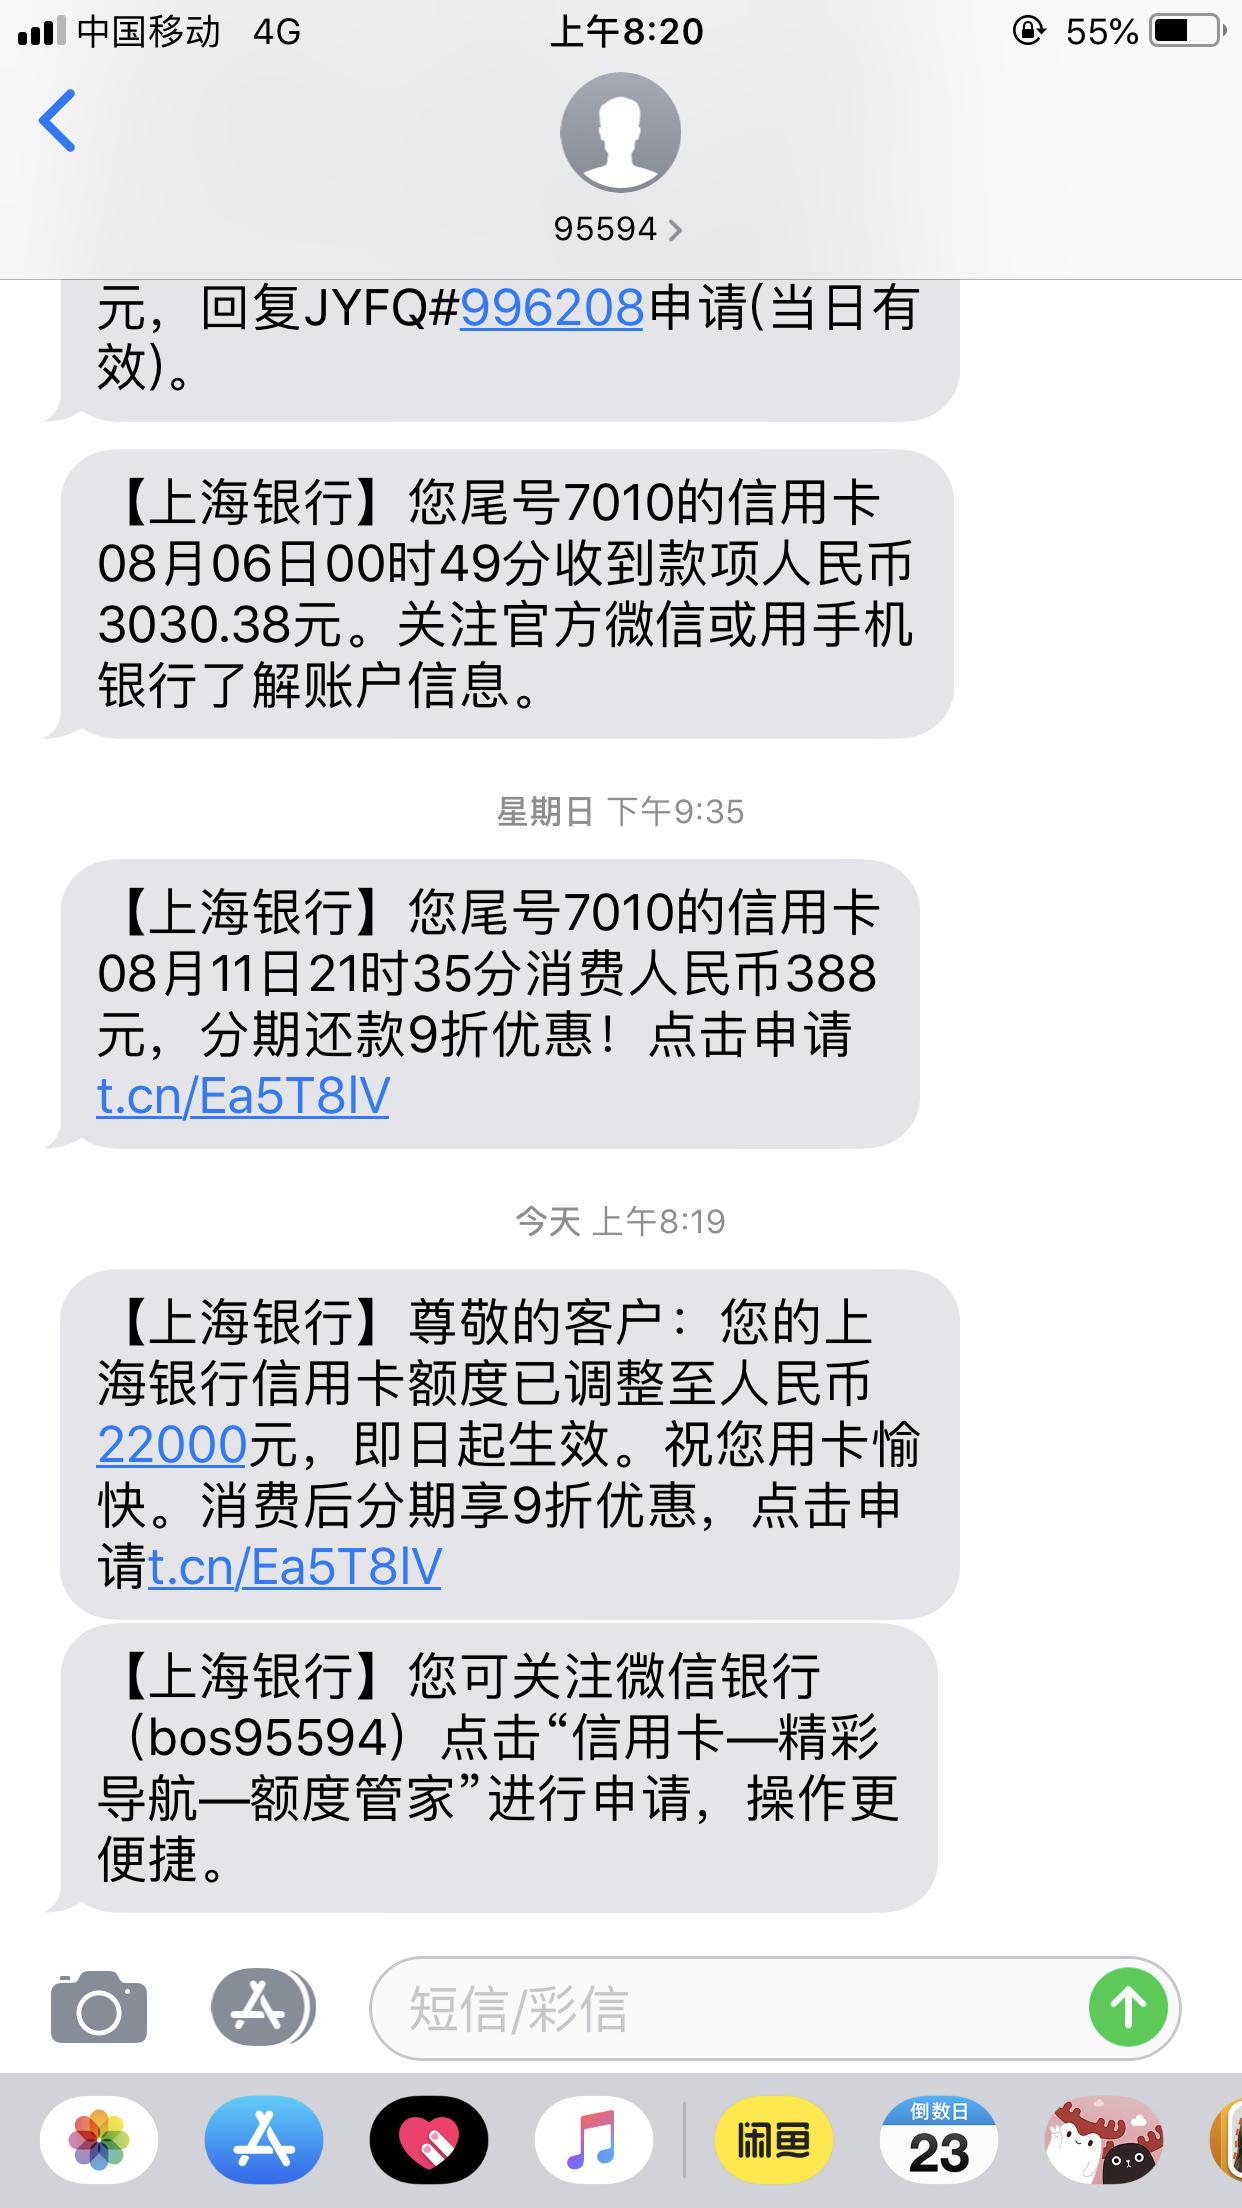 上海还是很稳的百分之20 上海银行信用卡